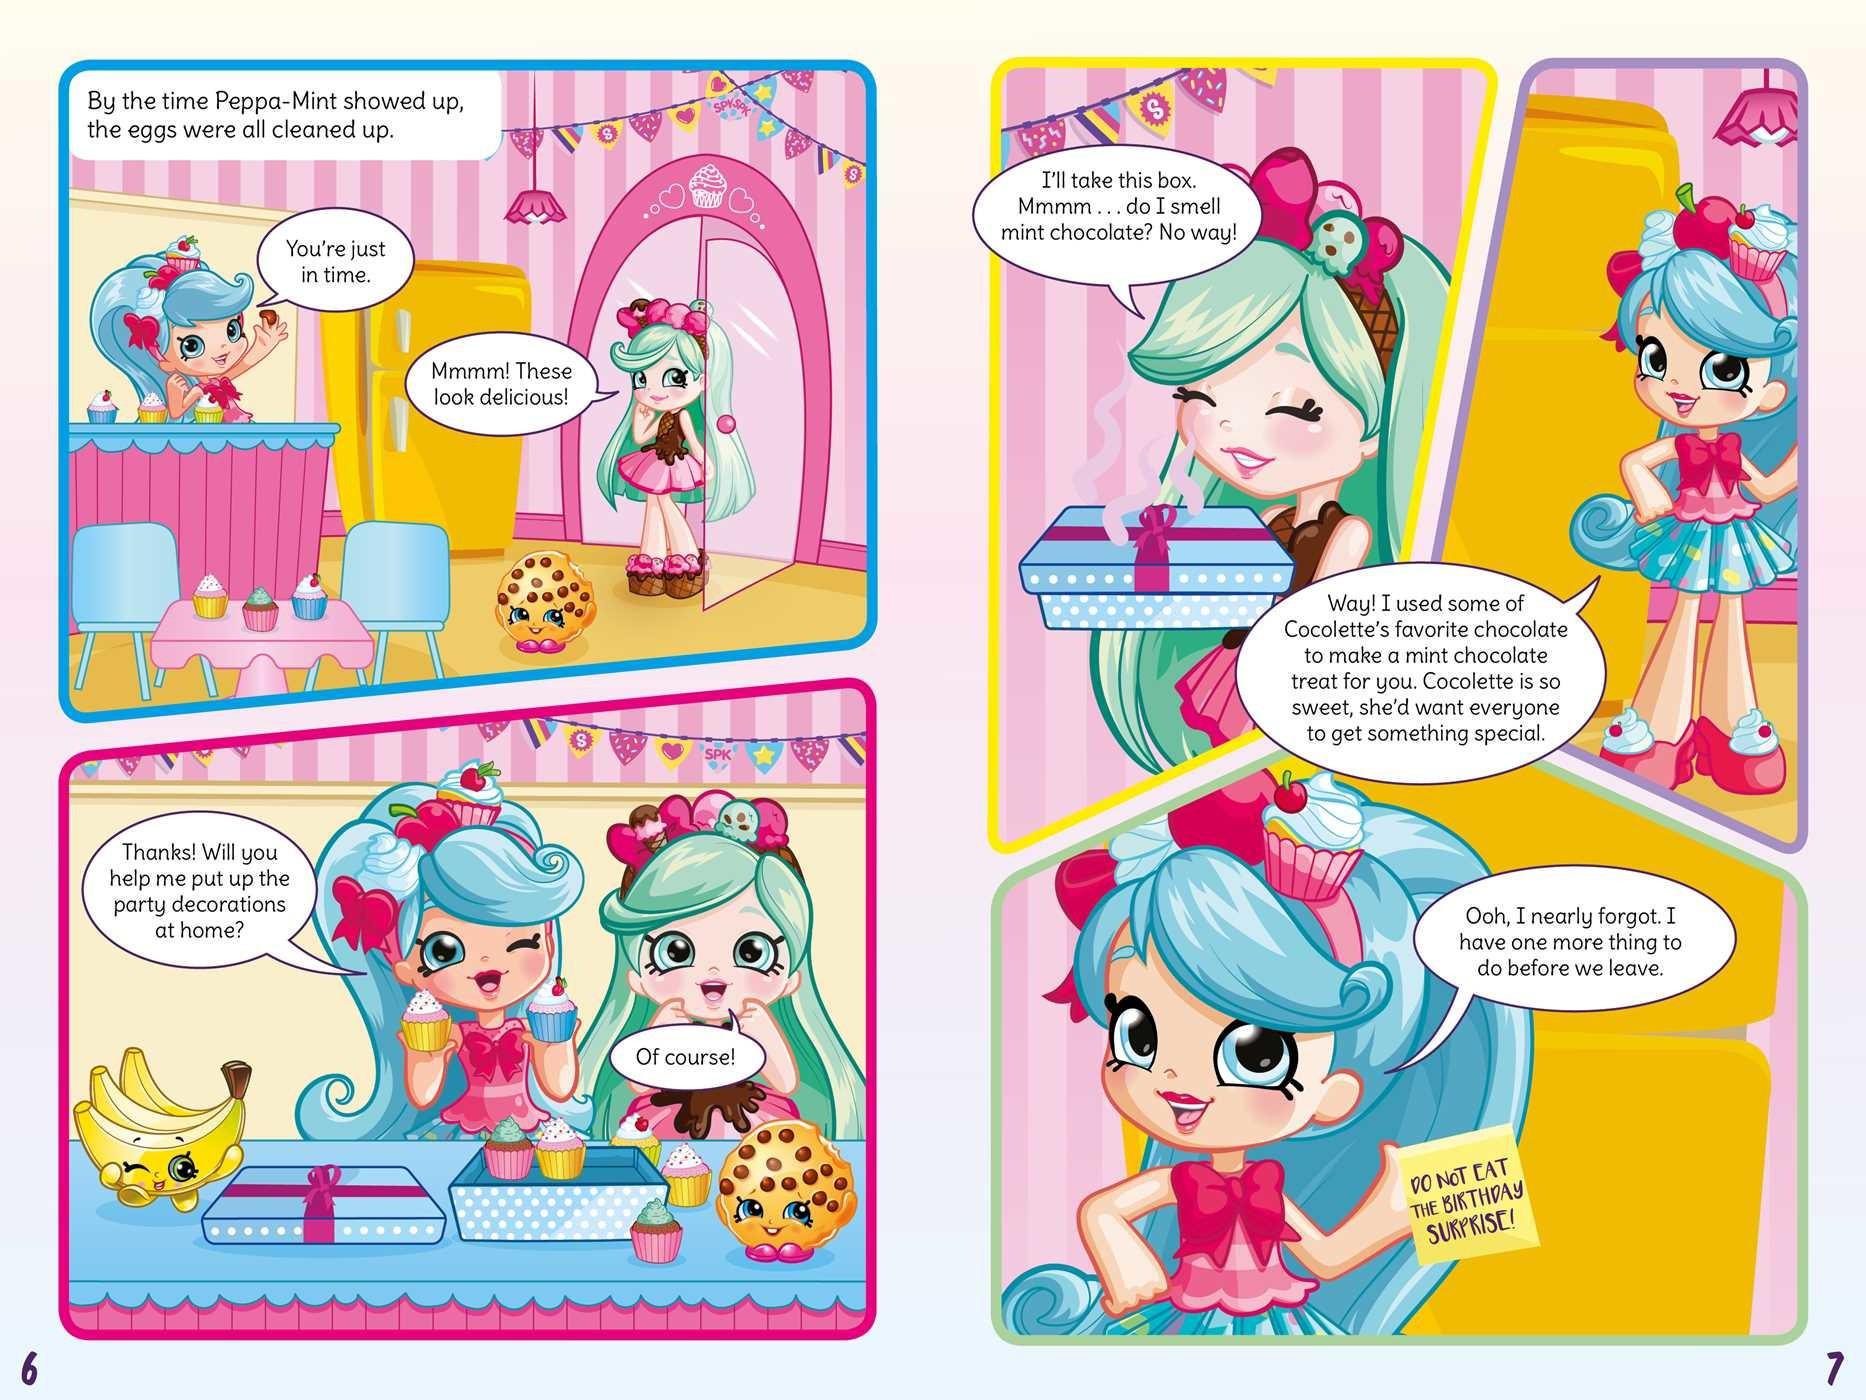 Shoppies cupcake culprit comic mystery 9781499807820.in01